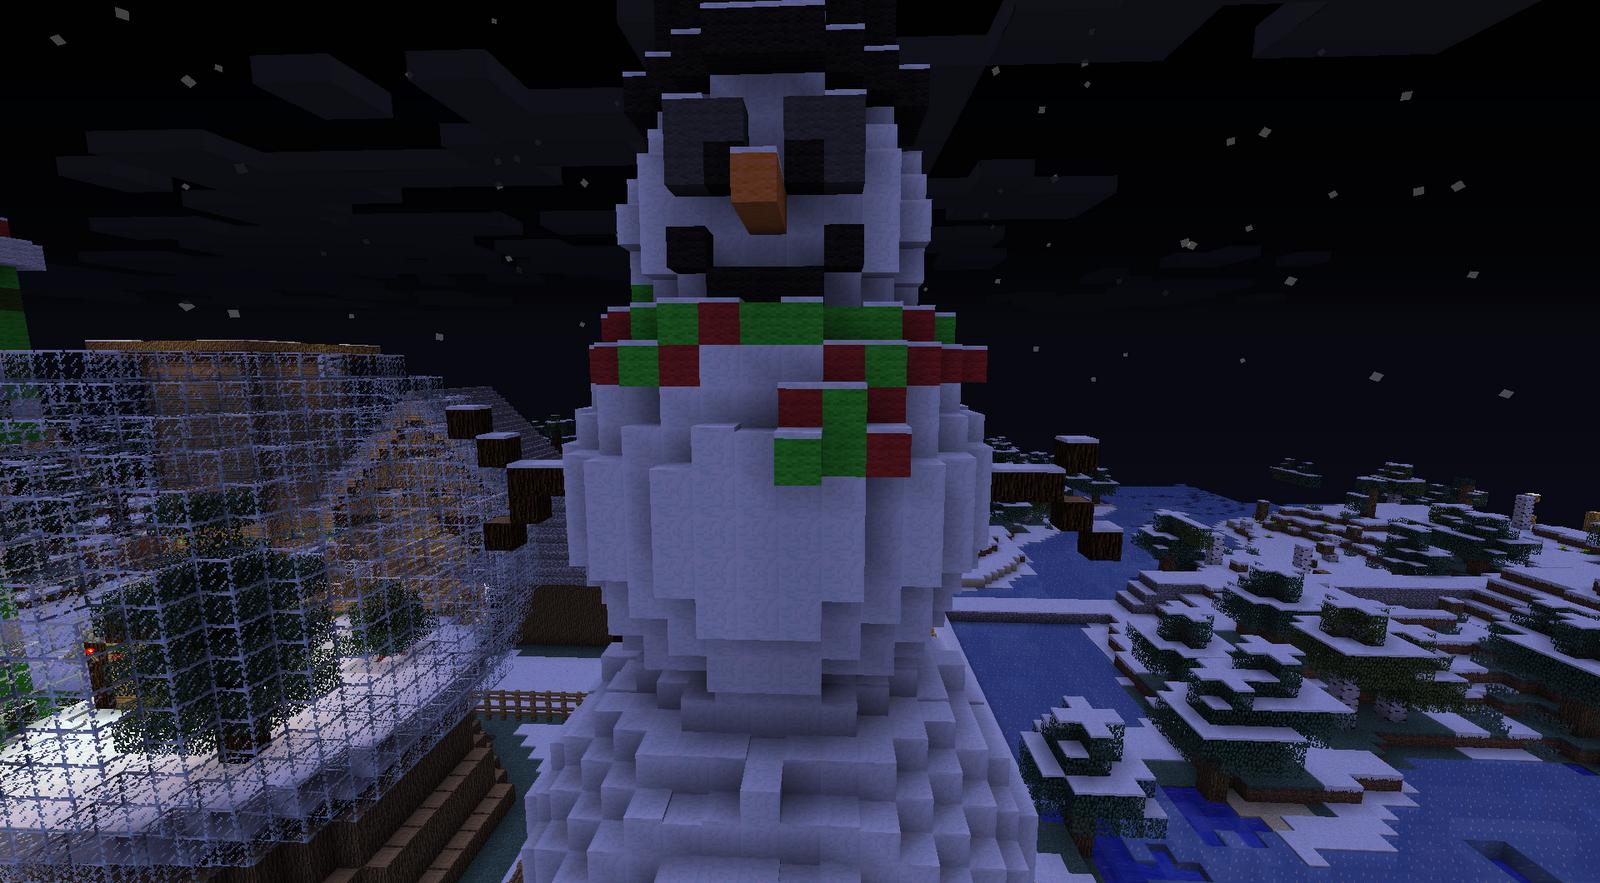 Баг с снеговиком в майнкрафт бесконечный снег